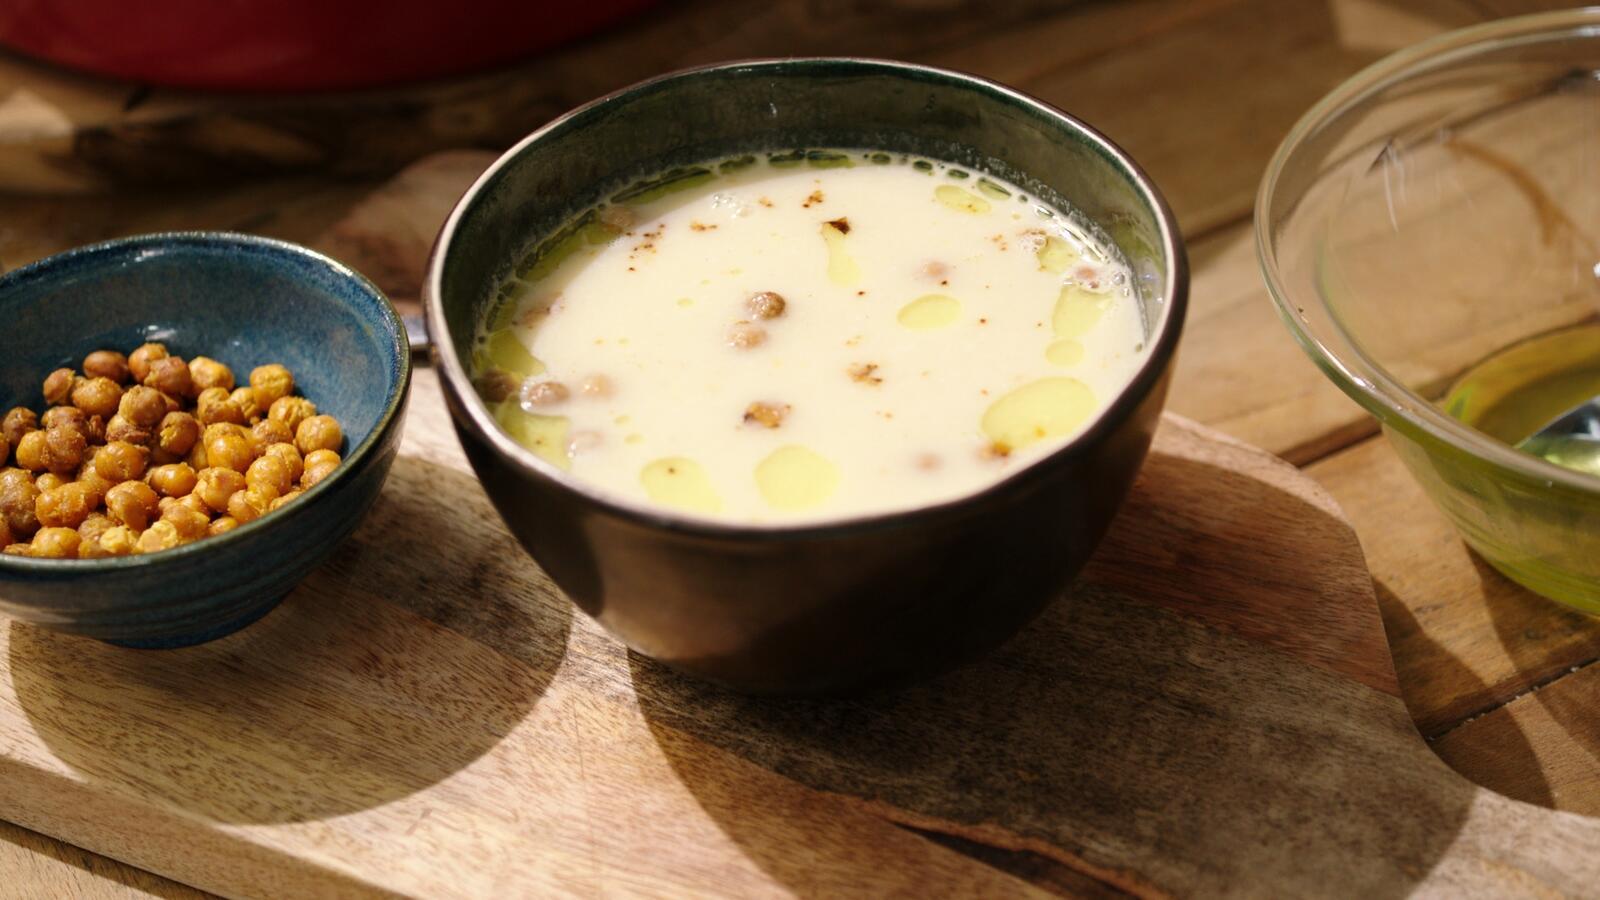 Soep van witte kool met croutons van kikkererwten en curry-olie